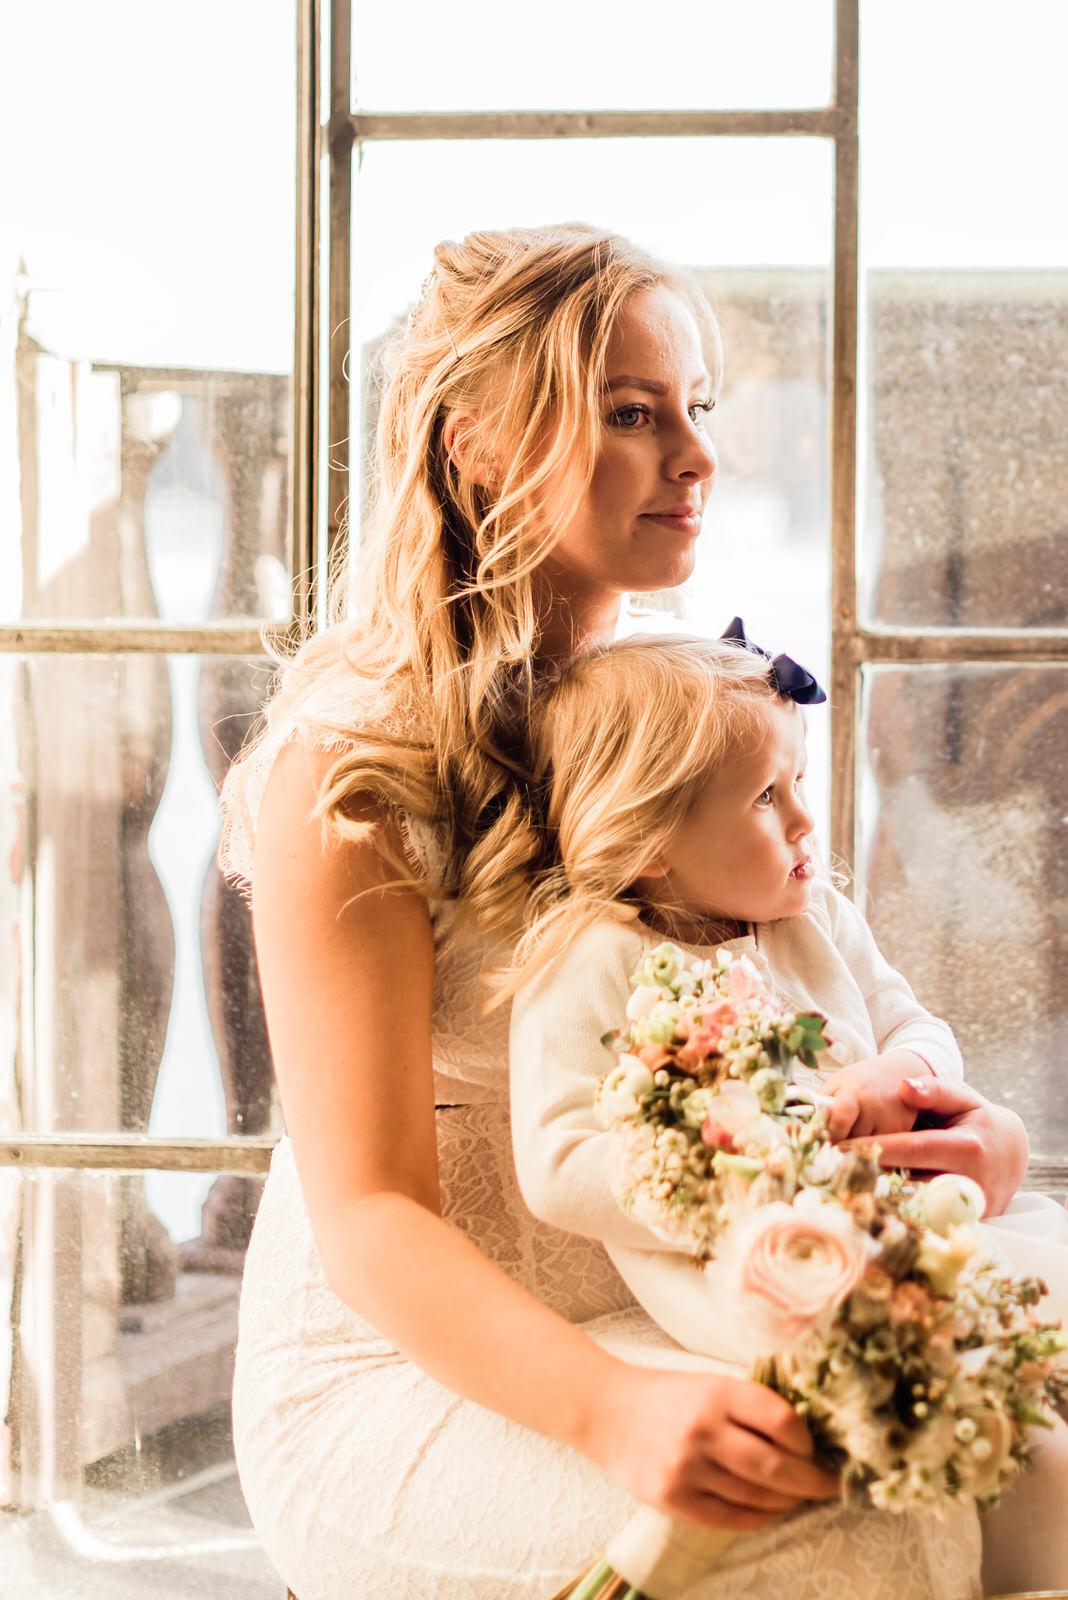 Brud och brudnäbb vid bröllopsfotografering och vigsel Stockholms Stadshus bröllopsfotograf Stockholm helloalora